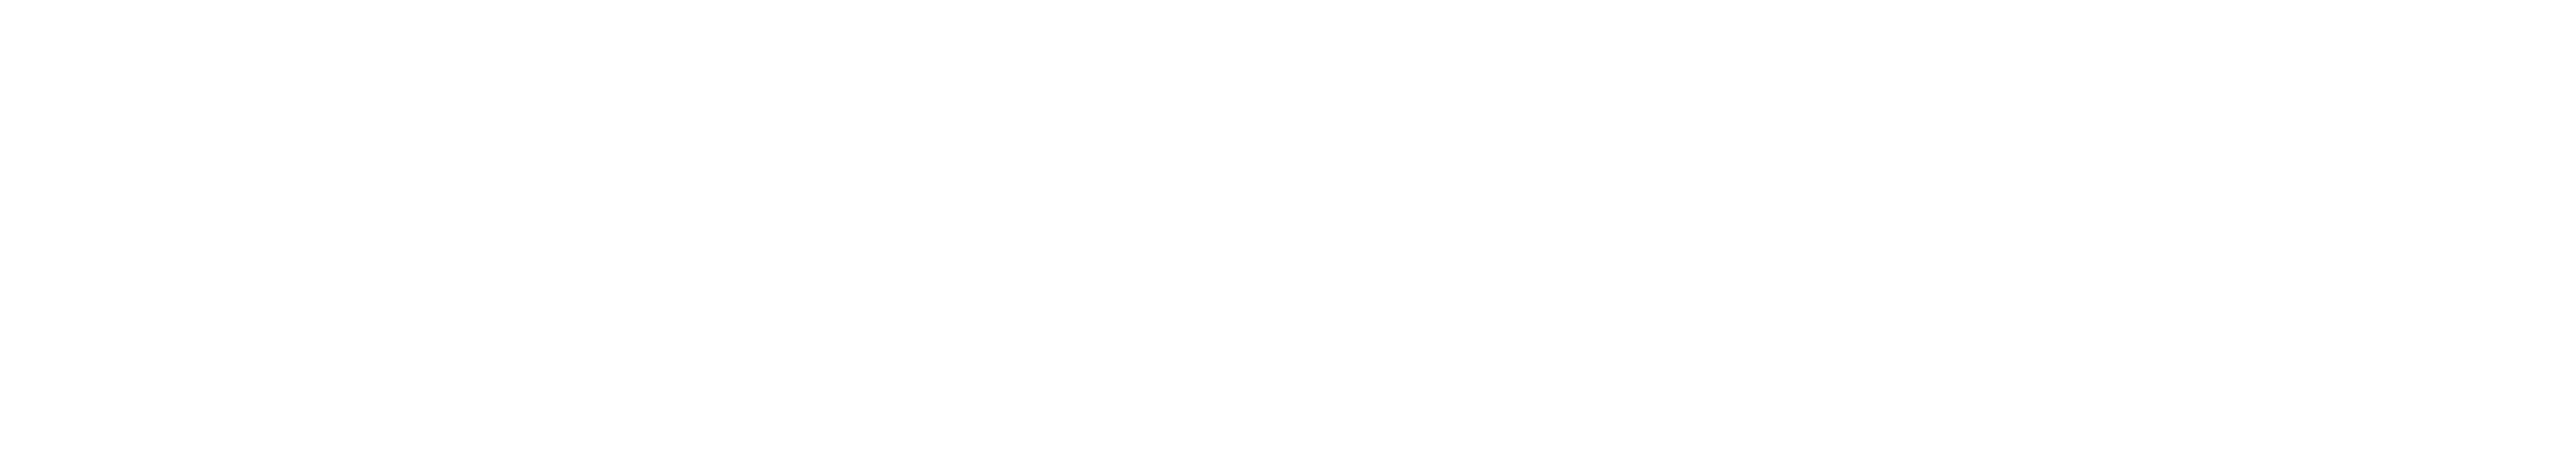 bttnature1